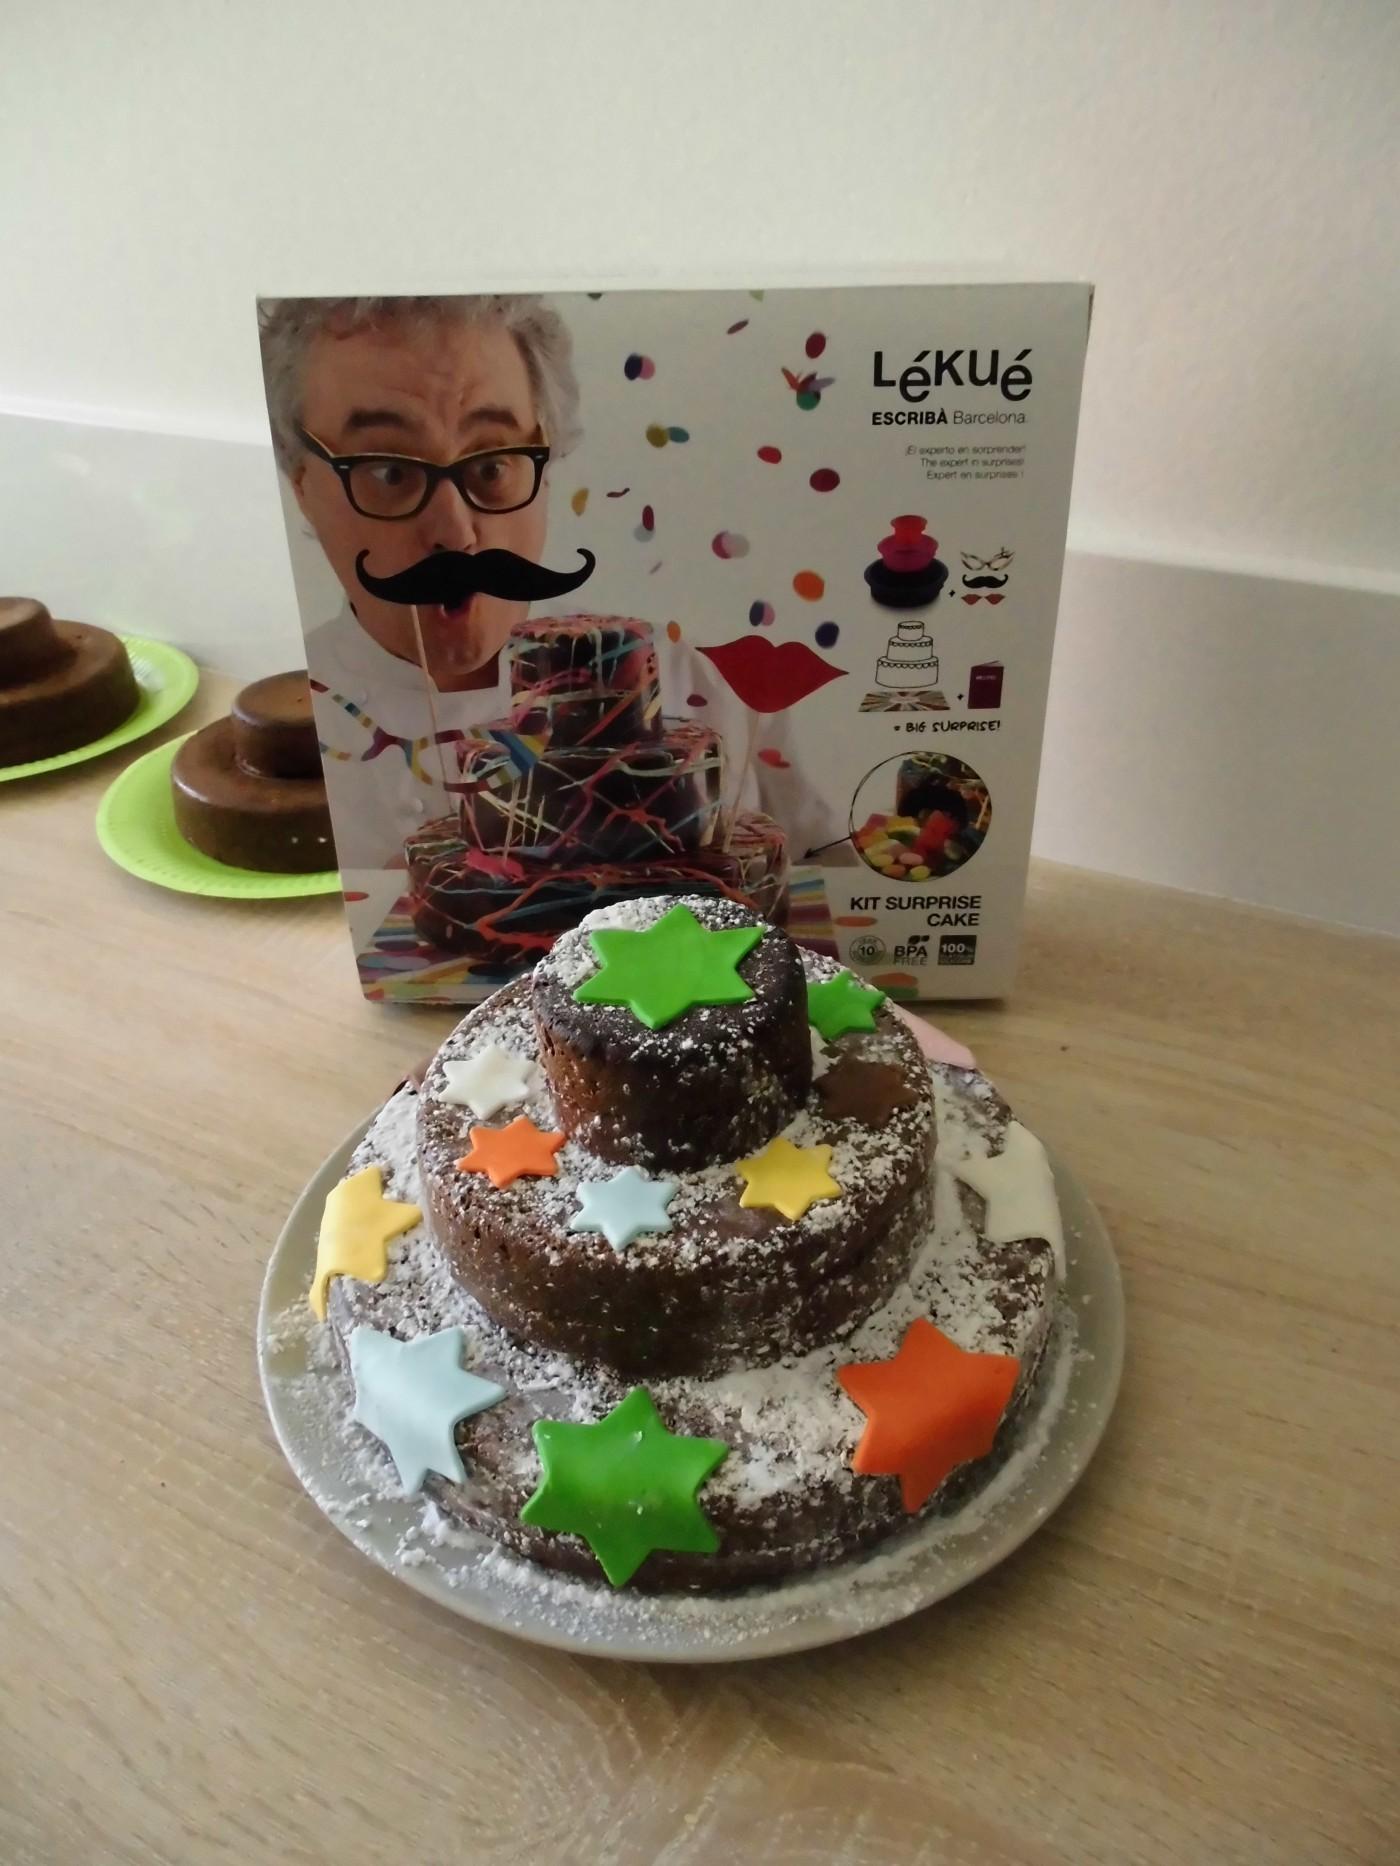 J'ai testé pour vous le kit gâteau surprise de chez lekué